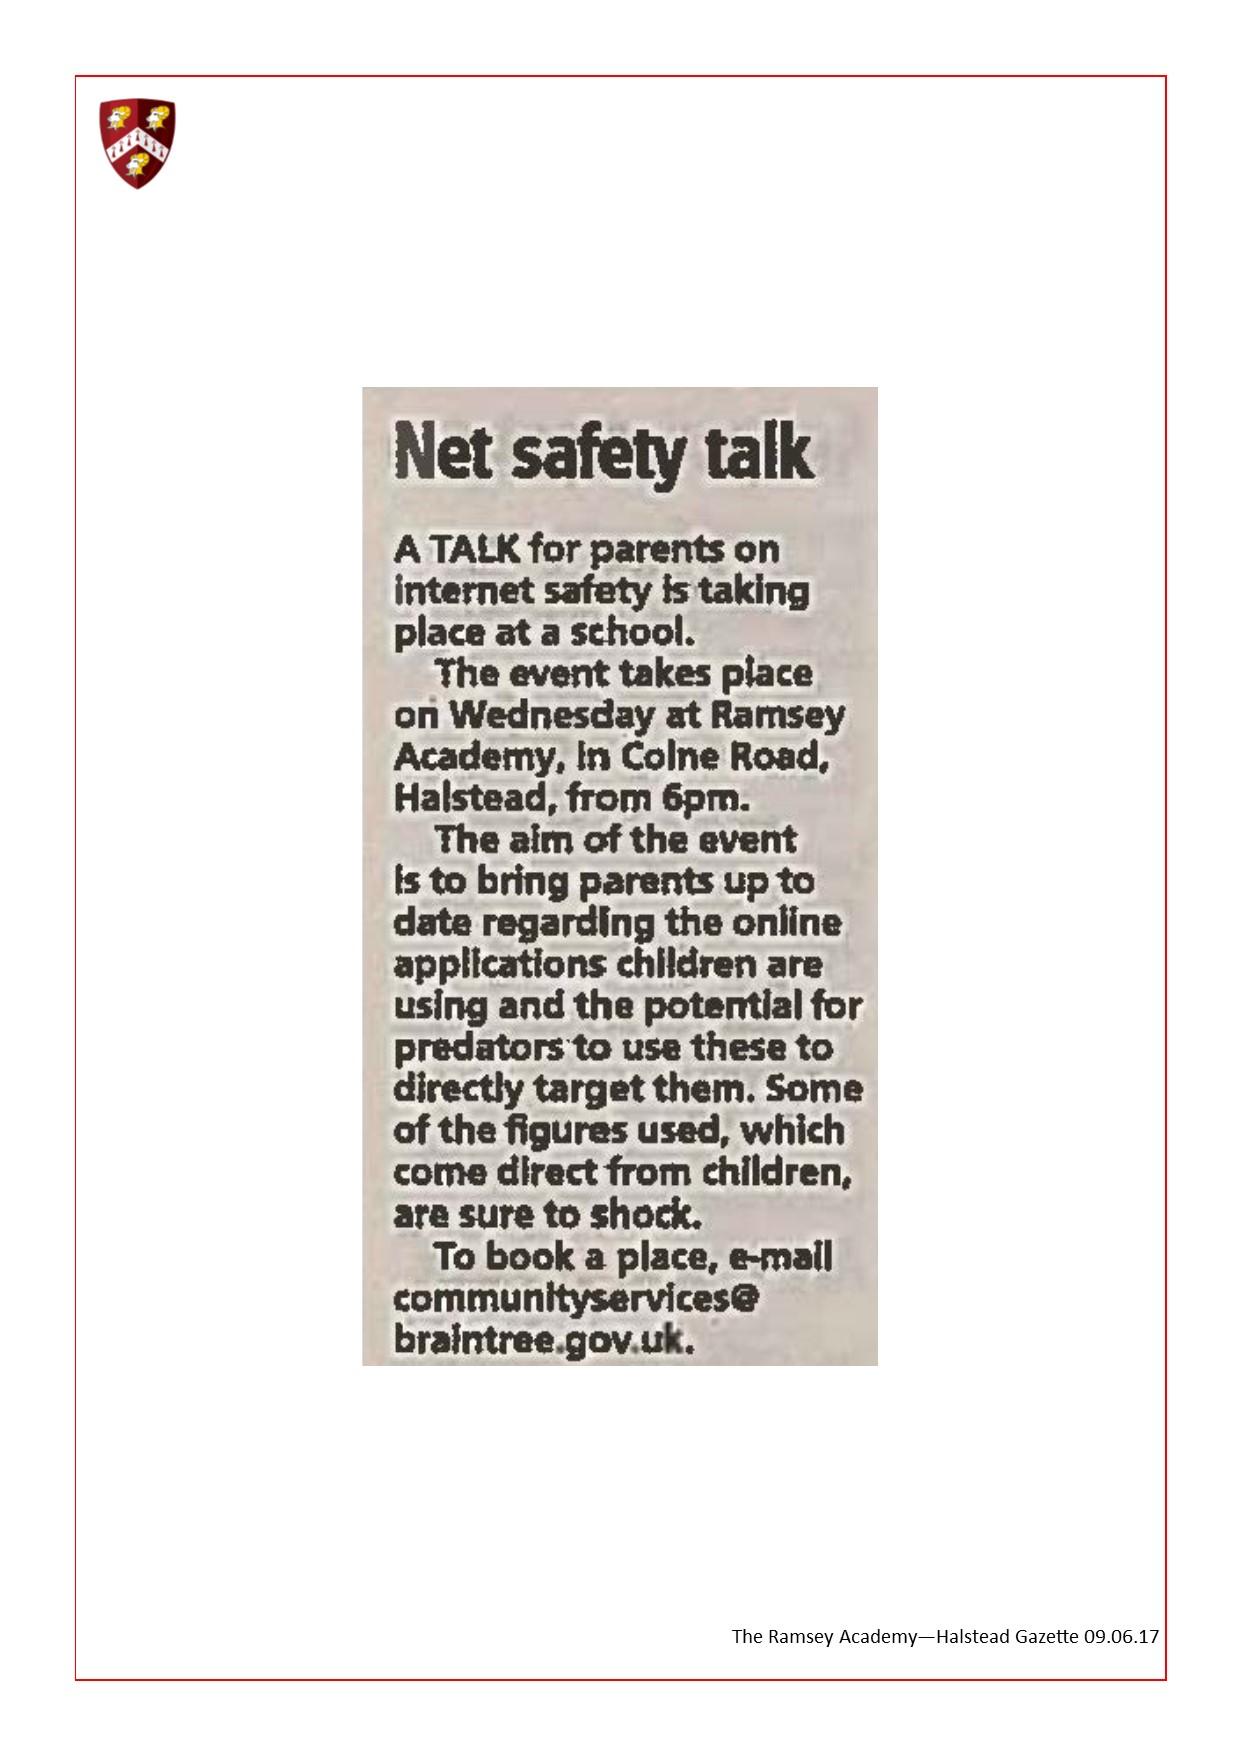 Net Safety Talk 09.06.17